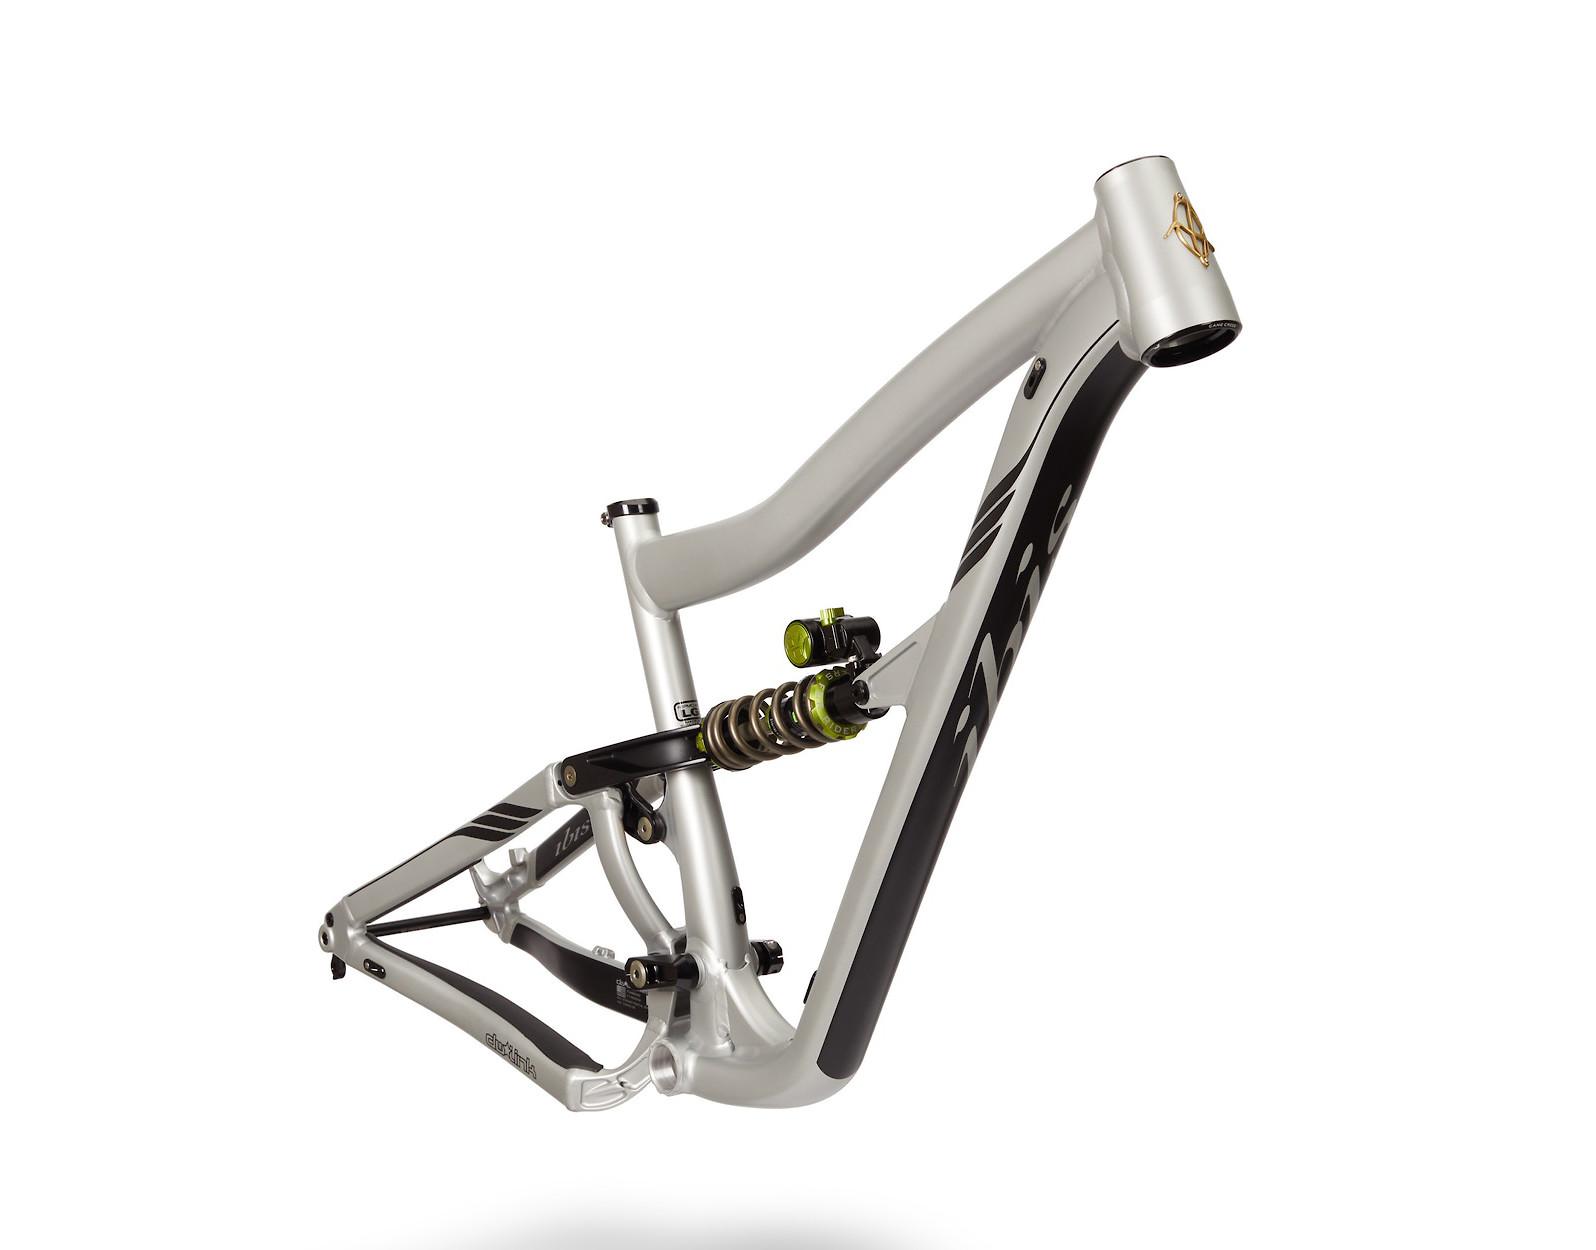 Ibis Ripmo AF Frame - Metal